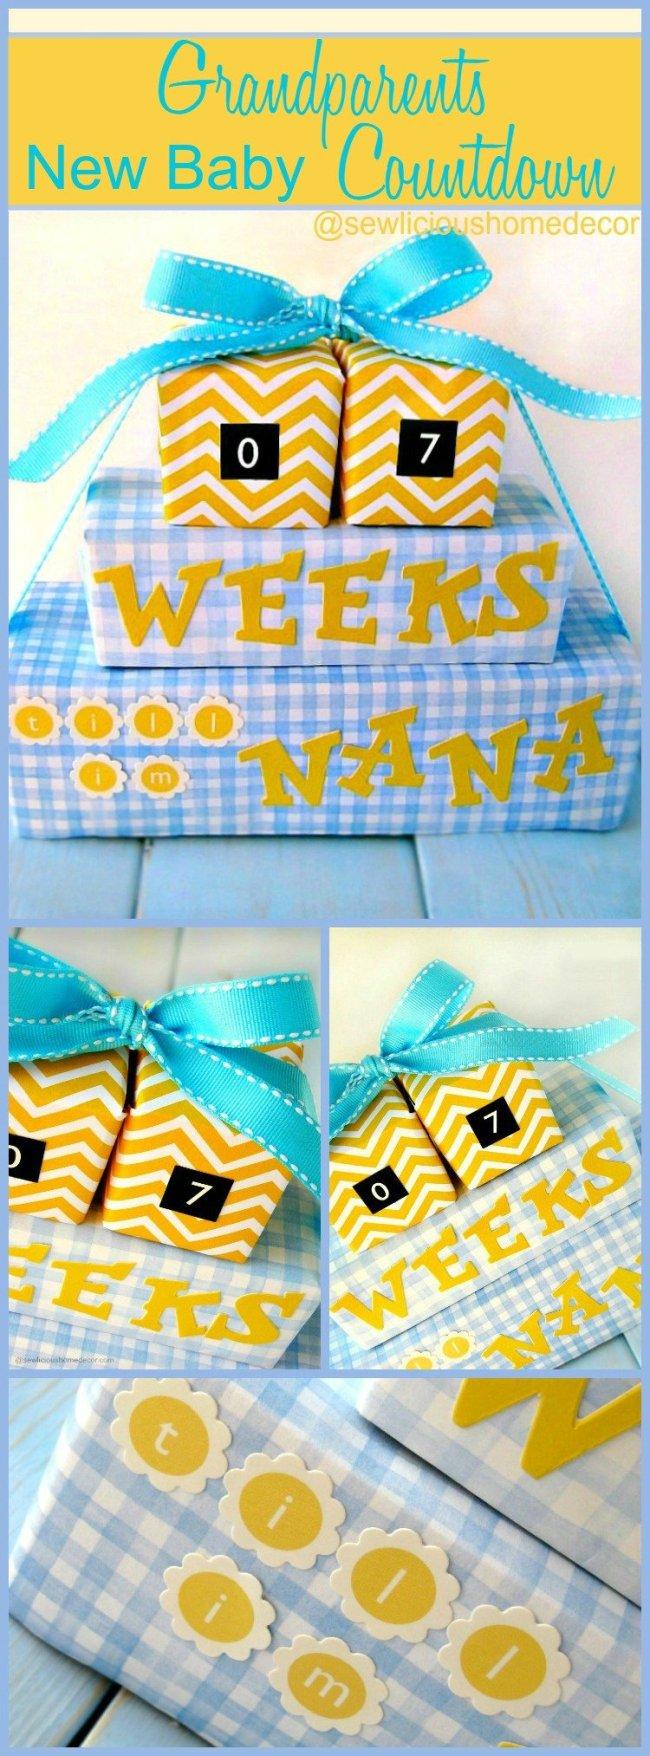 Grandparents New Baby Countdown sewlicioushomedecor.com